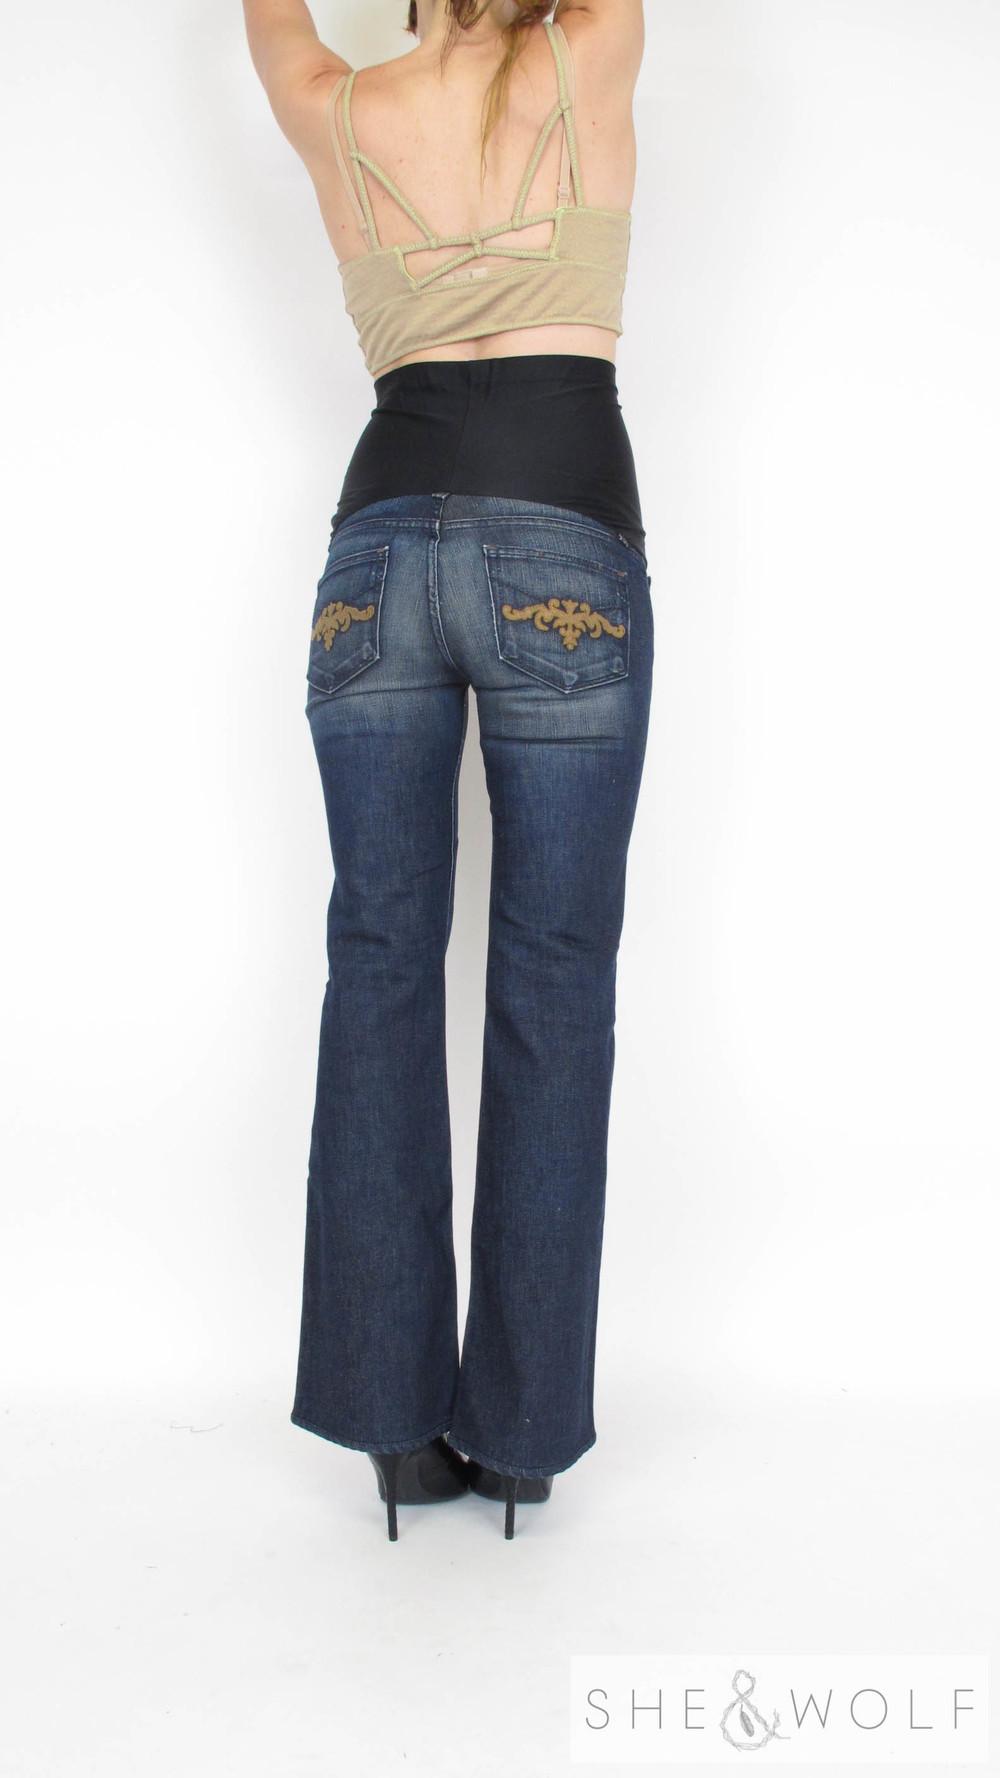 d361ce94e4417 Paige Premium Denim Bootcut Maternity Jeans 28 x 31 — She & Wolf